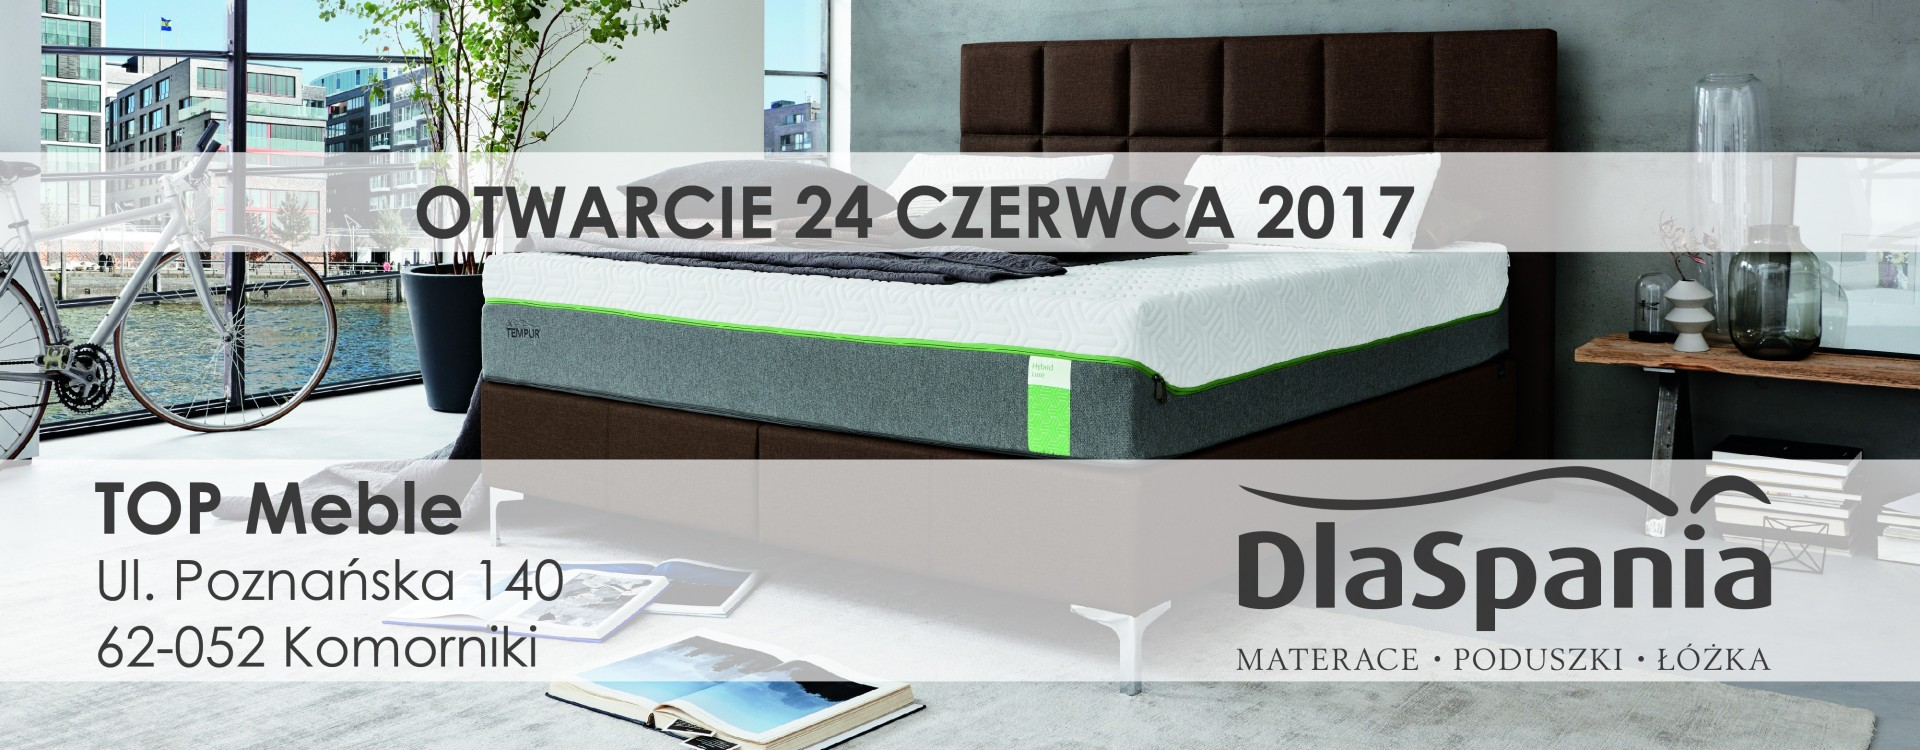 Otwarcie nowego salonu w Komornikach pod Poznaniem.